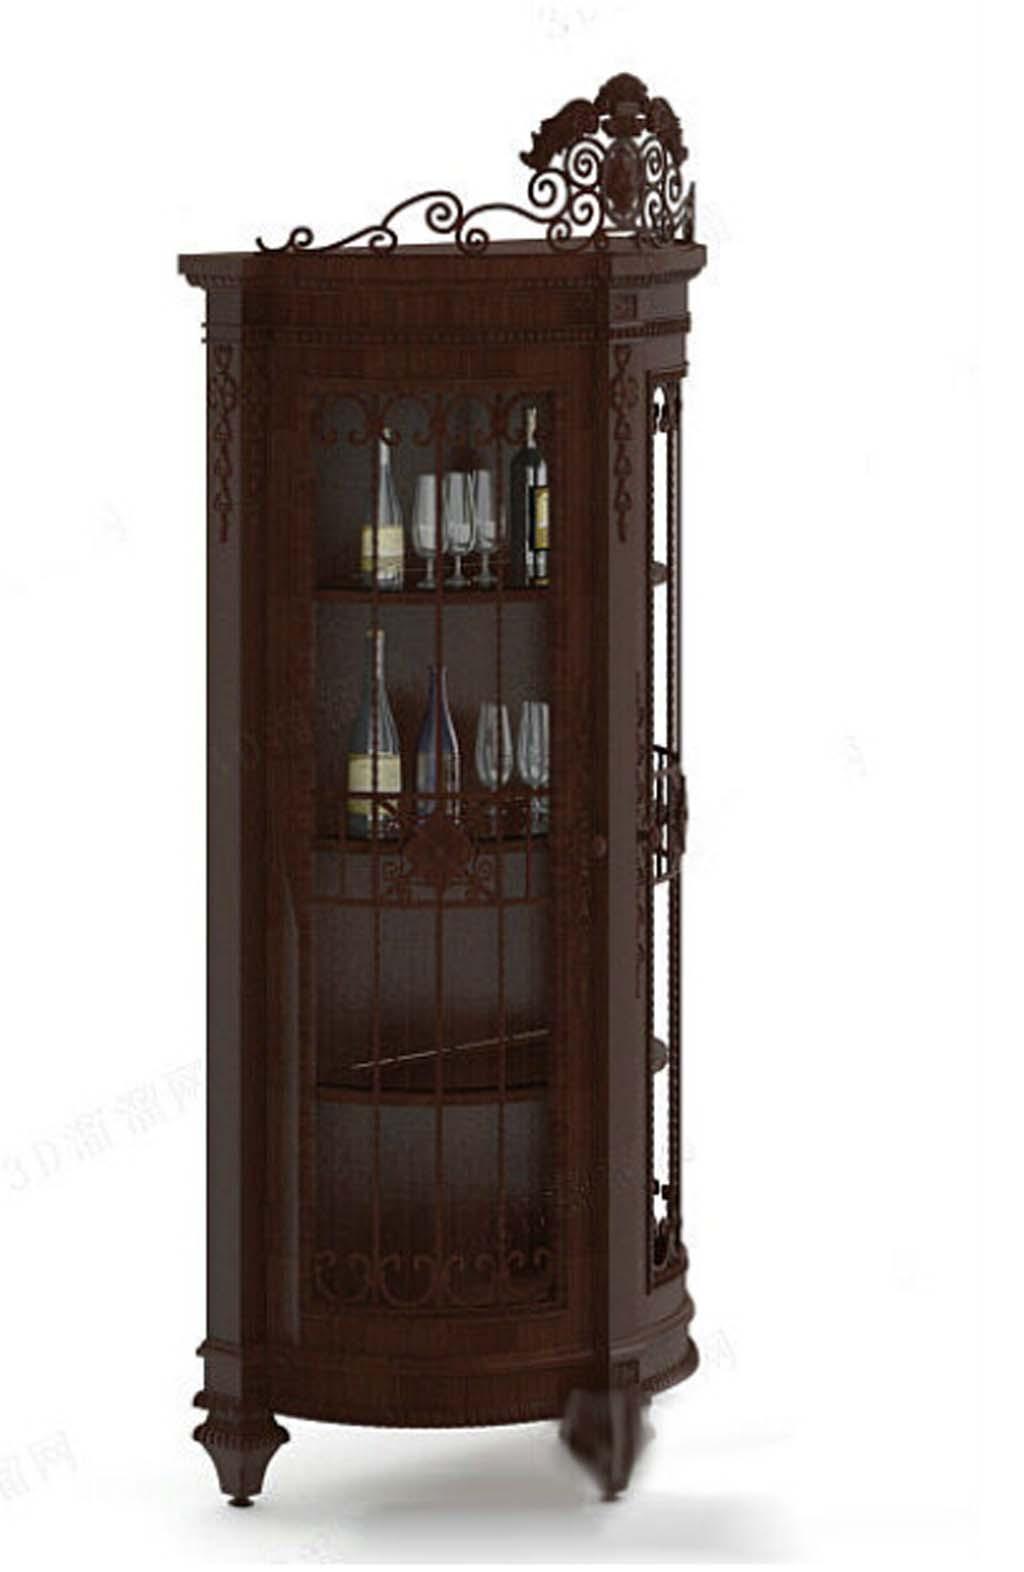 欧式酒架模型cad模型柜子3d模型家具